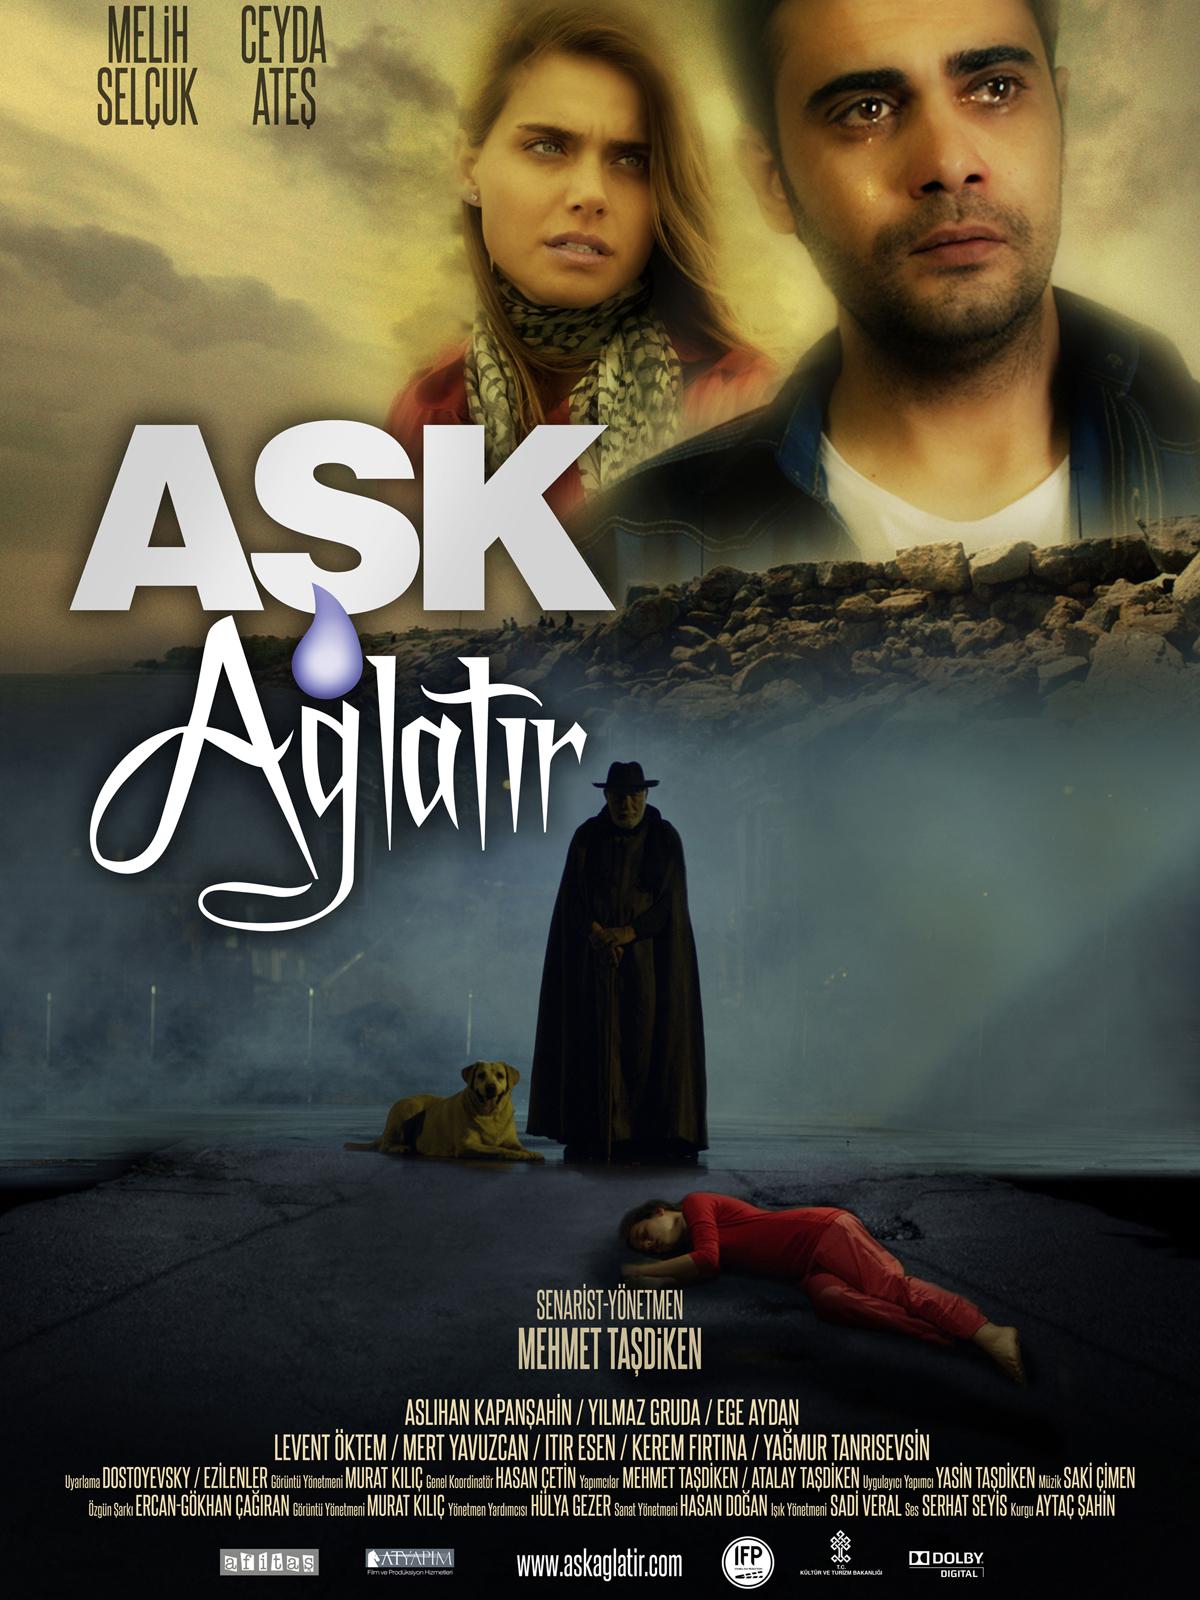 Güzel Aşk Filmleri Türk